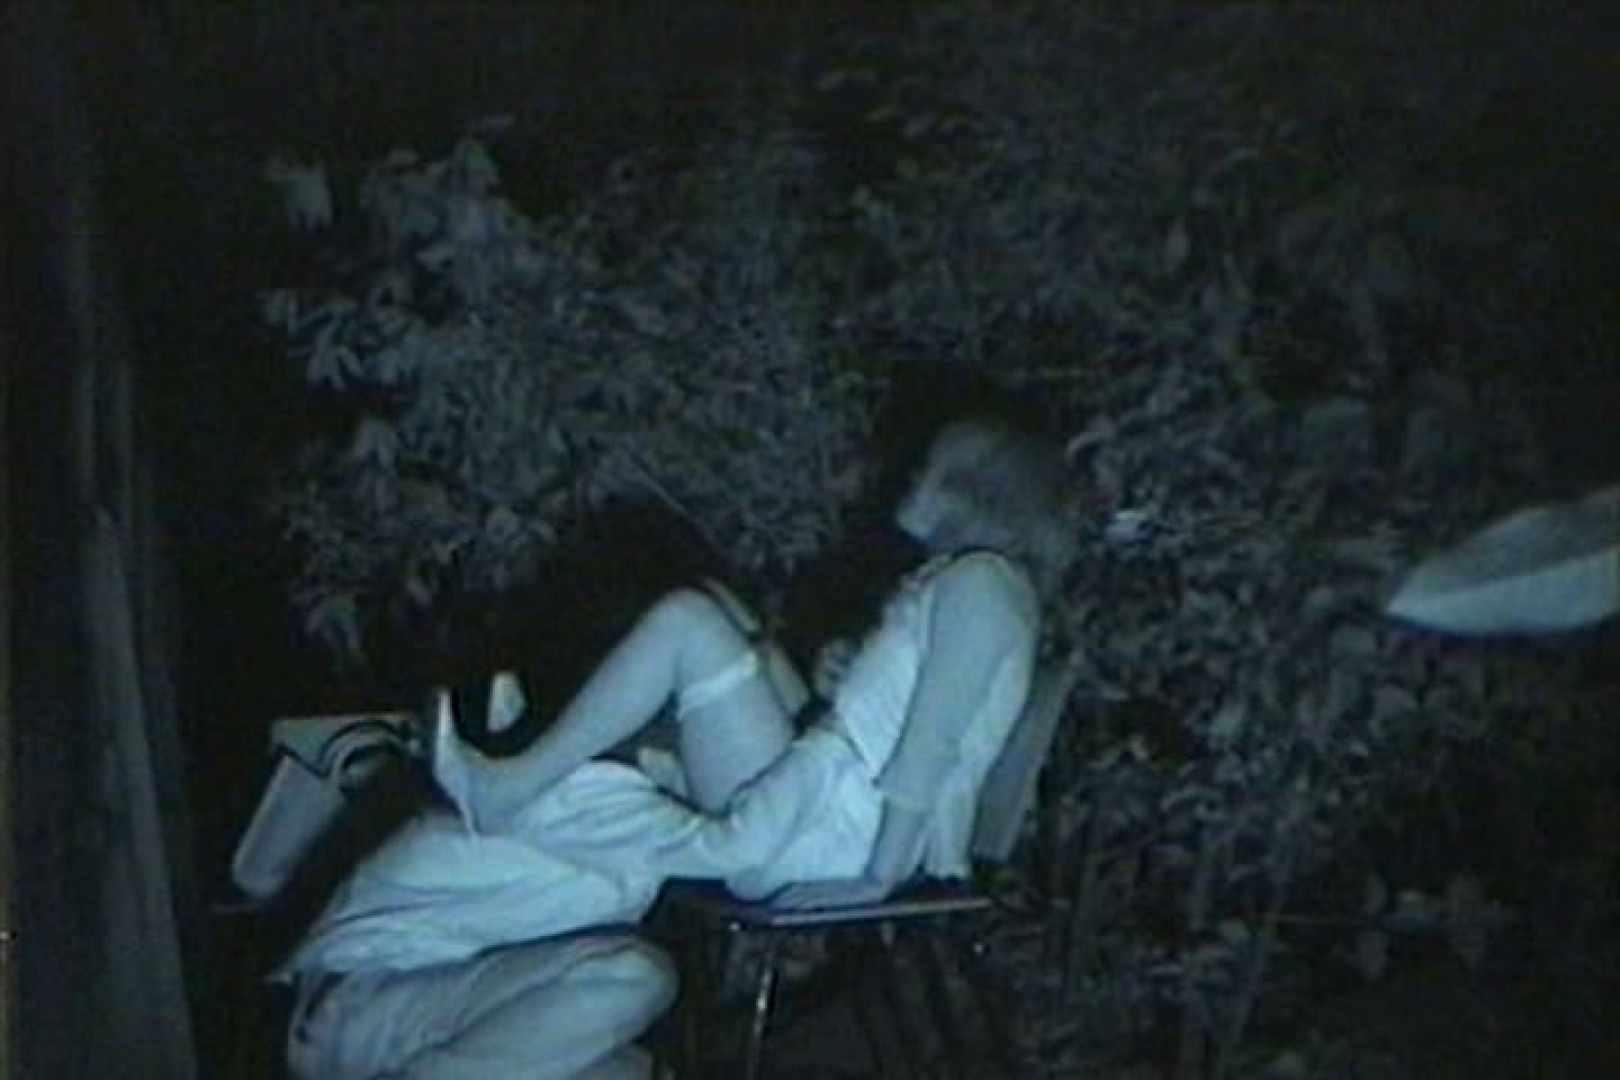 闇の仕掛け人 無修正版 Vol.24 すけべなOL オマンコ無修正動画無料 102画像 7